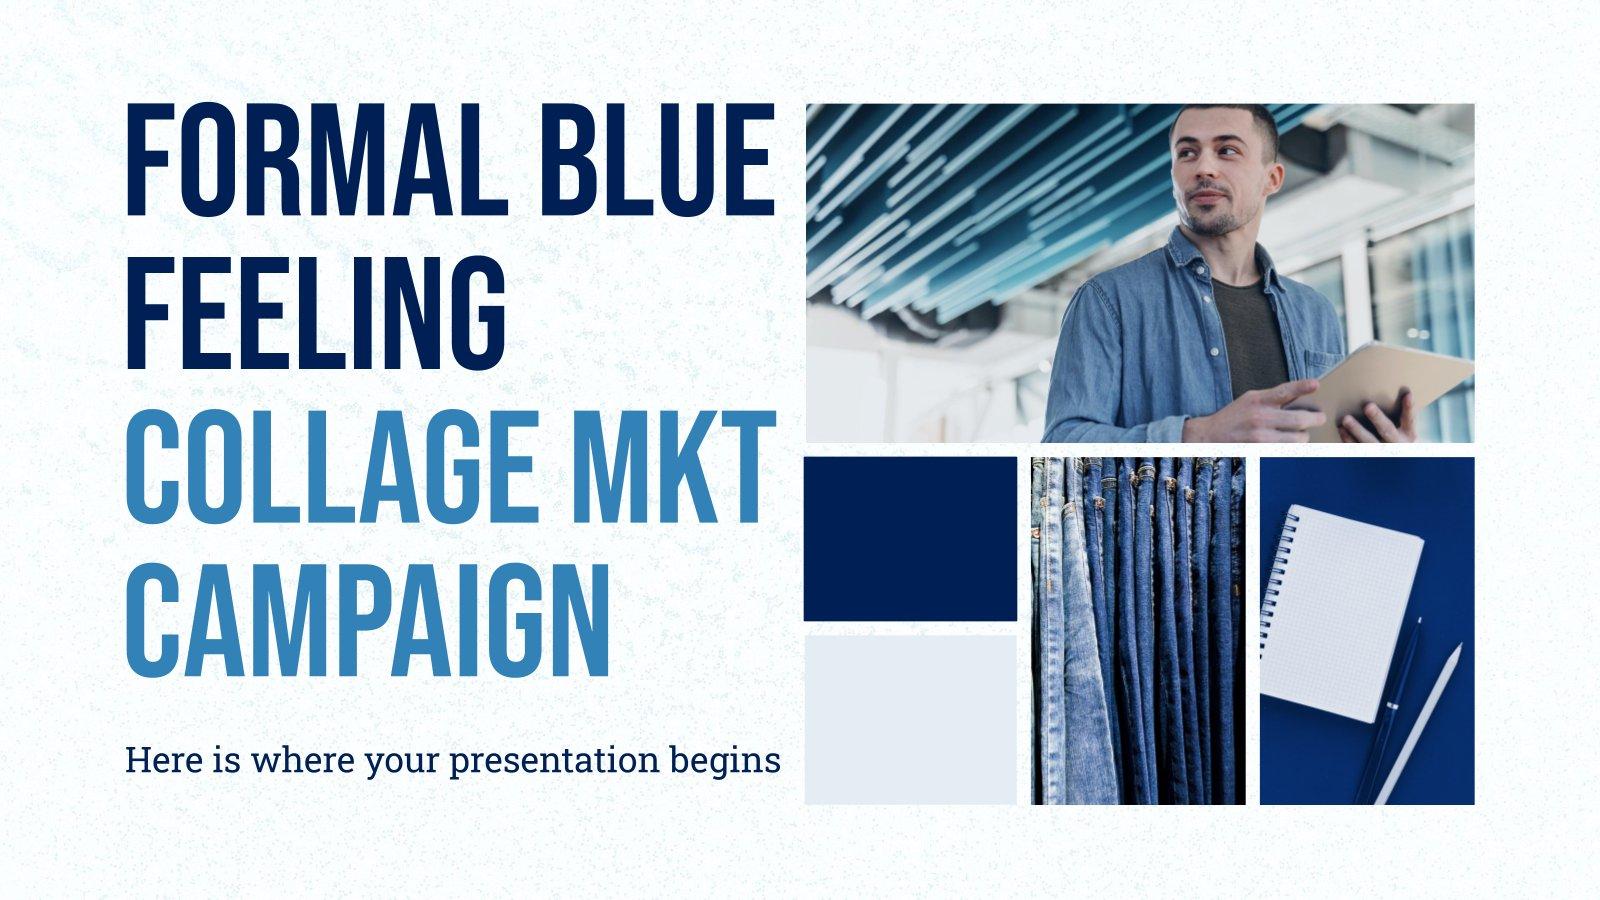 Modelo de apresentação Campanha de marketing formal azul